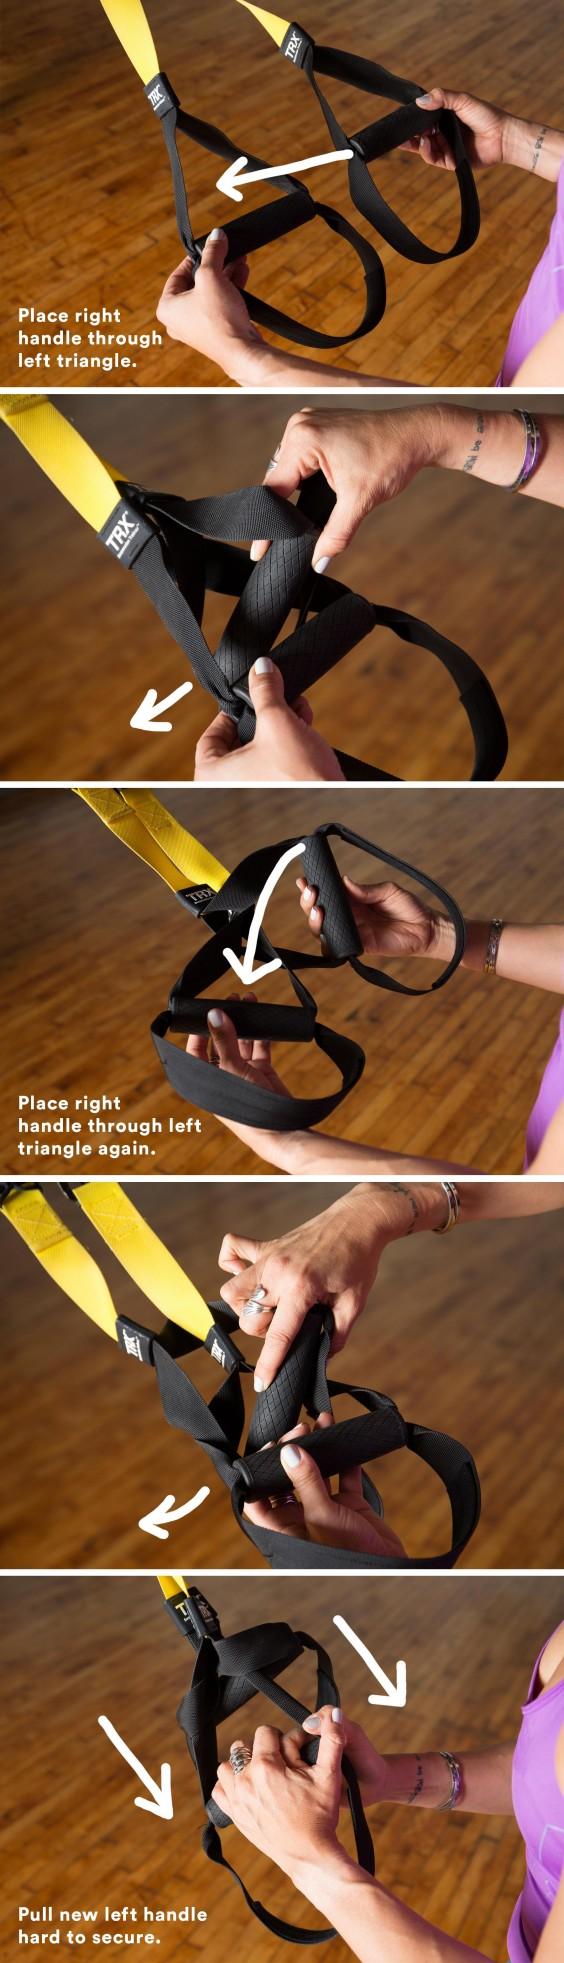 How to Tie TRX